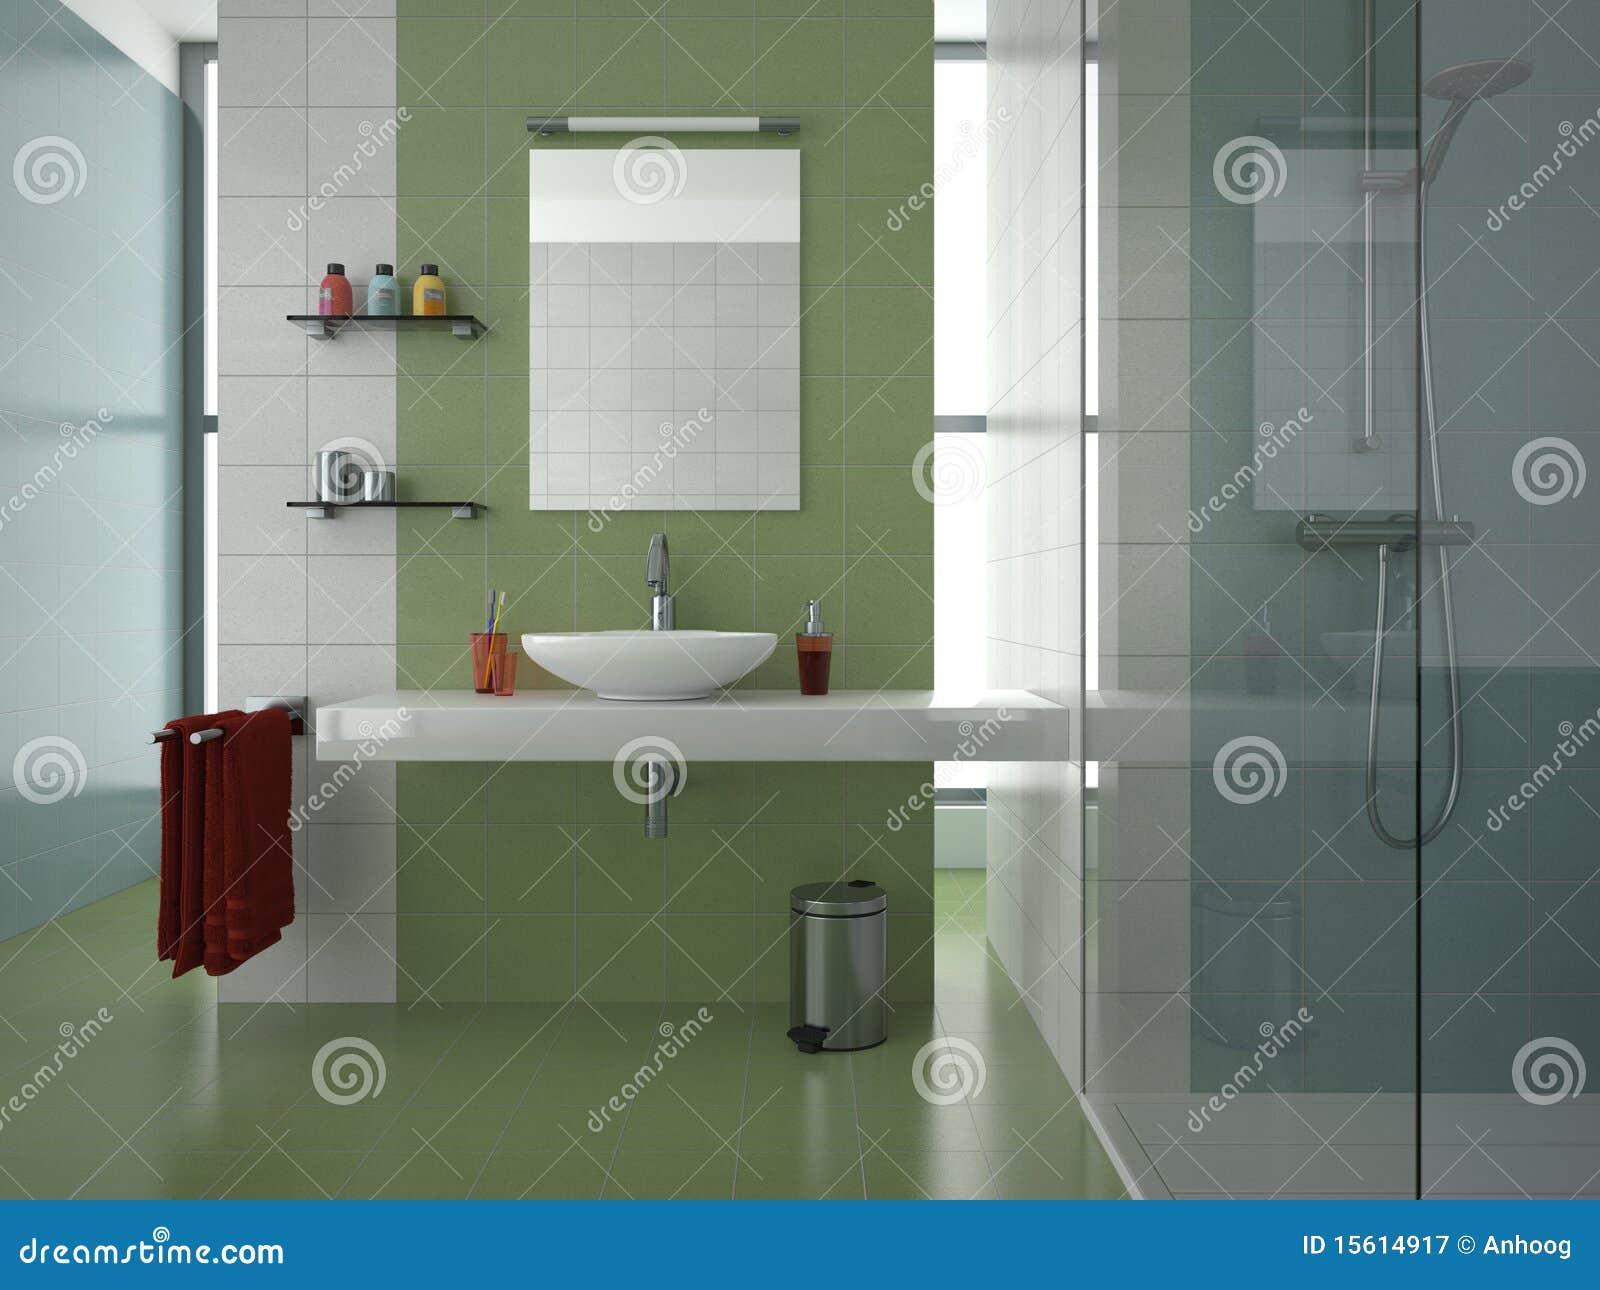 Imagens de #6E3D31 Banheiro Verde Fotografia de Stock Royalty Free Imagem: 15614917 1300x1065 px 3596 Banheiros Verdes Fotos